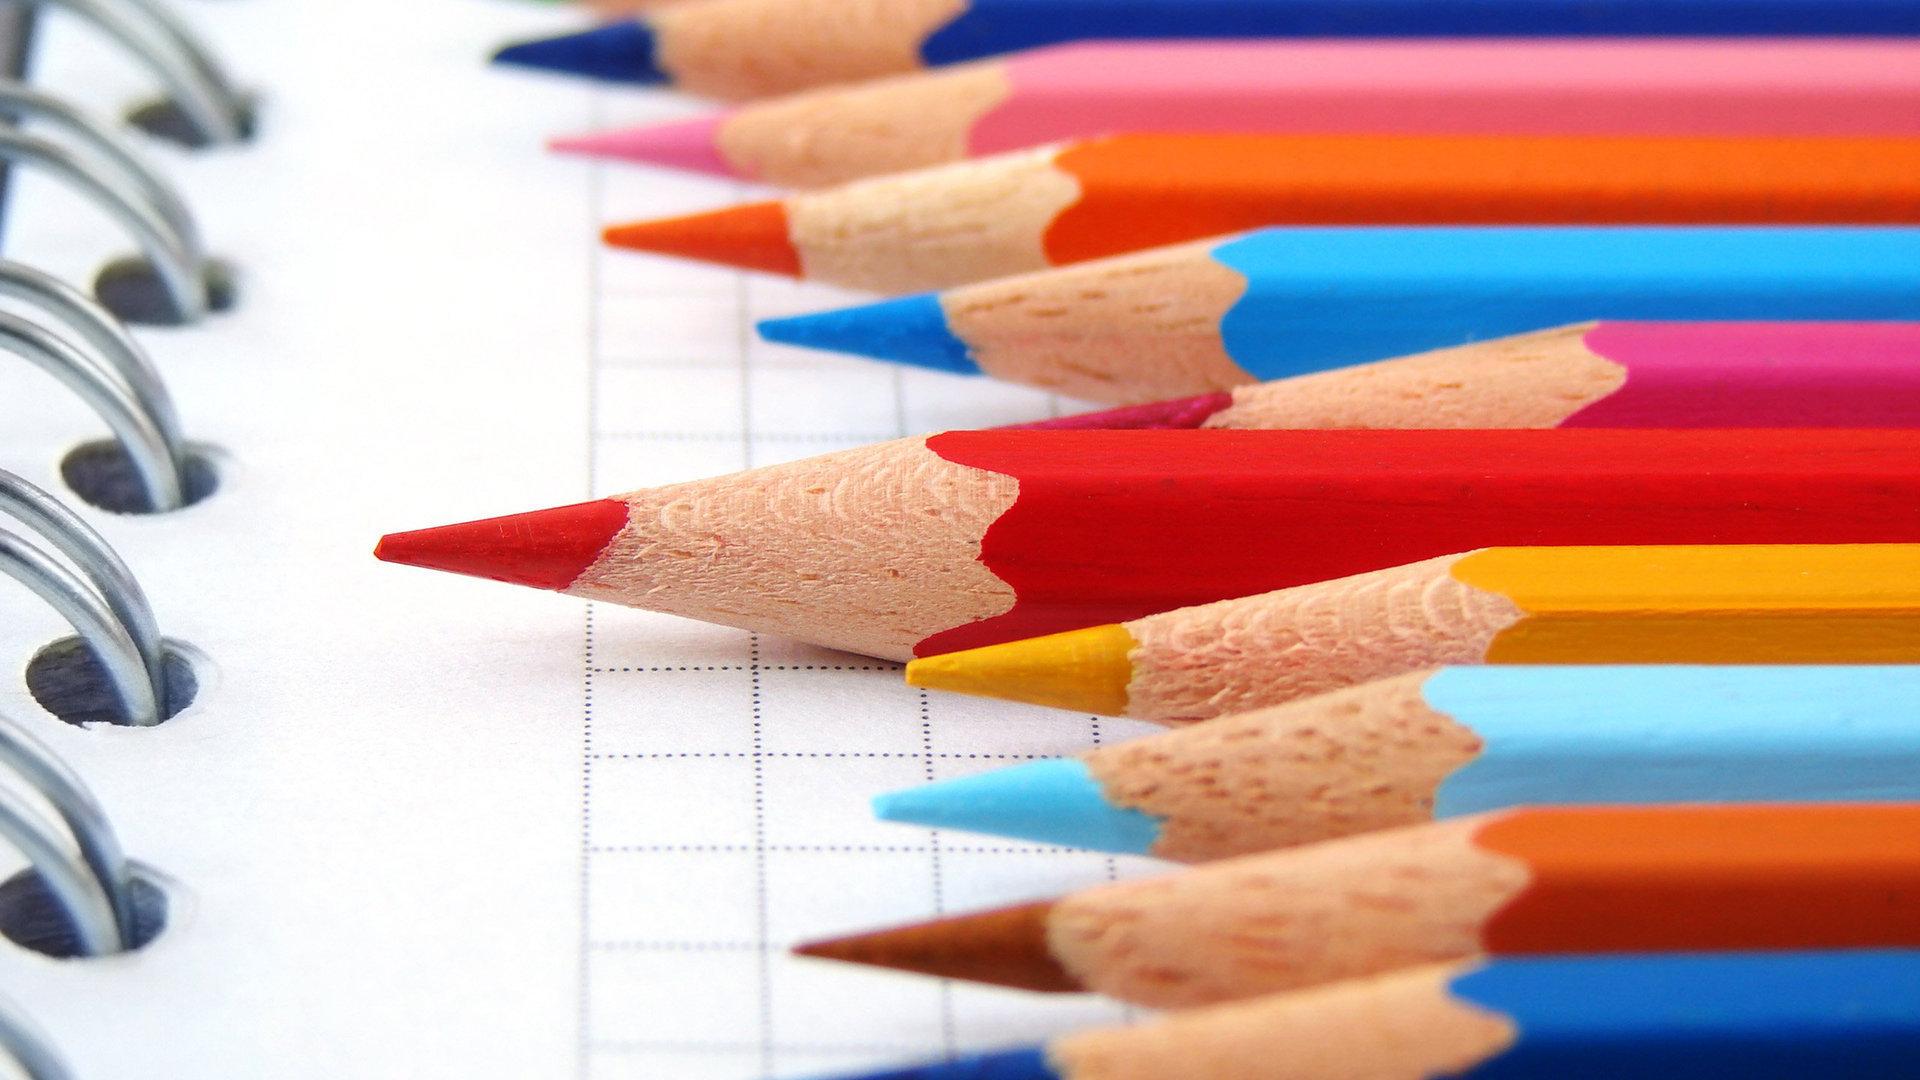 colored pencils wallpaper 40925